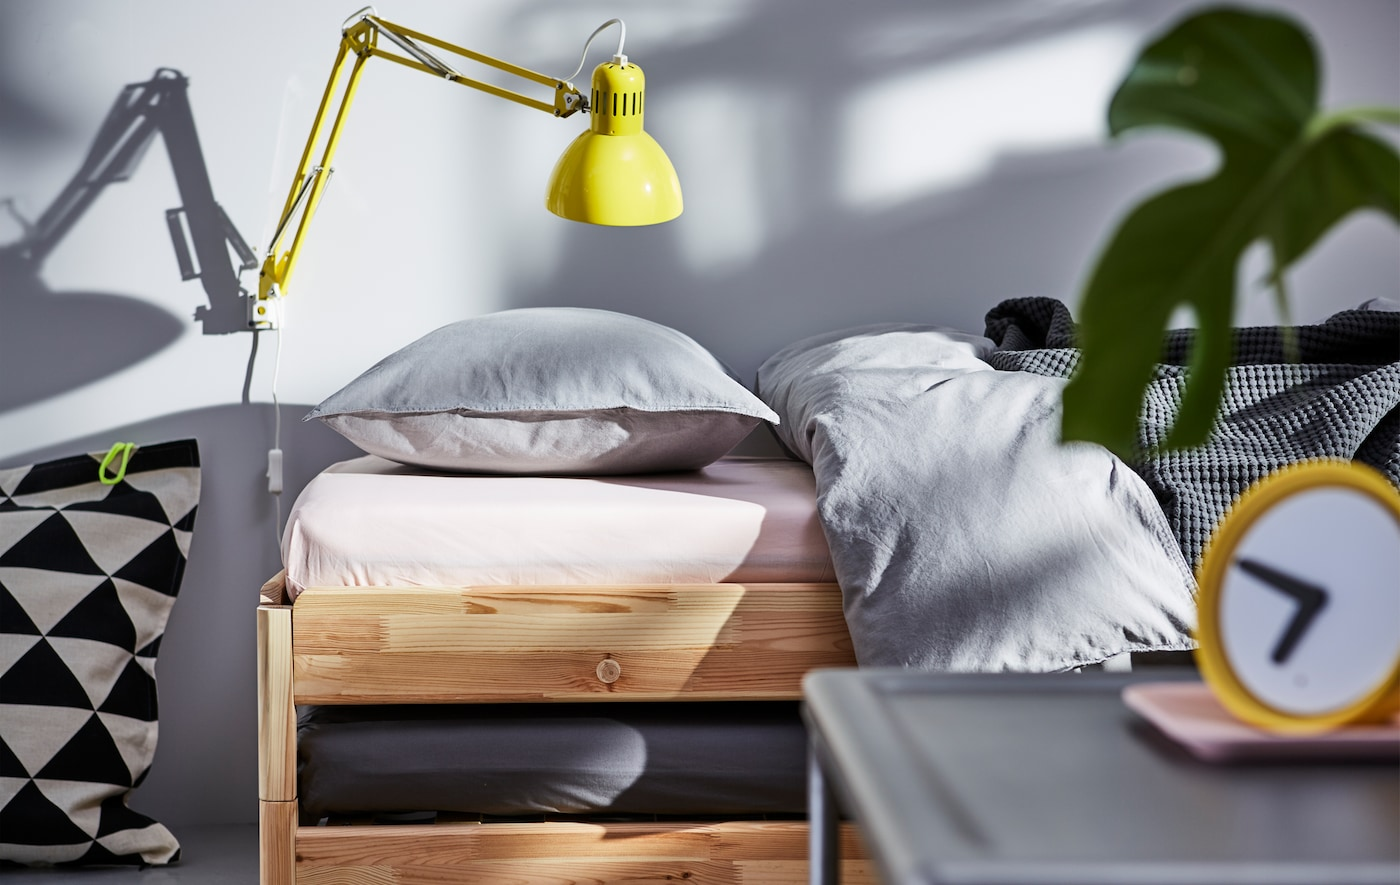 想要了解巧妙的小卧室创意?选择一张可作为床和沙发的两用床,如宜家 UTÅKER 于托克!